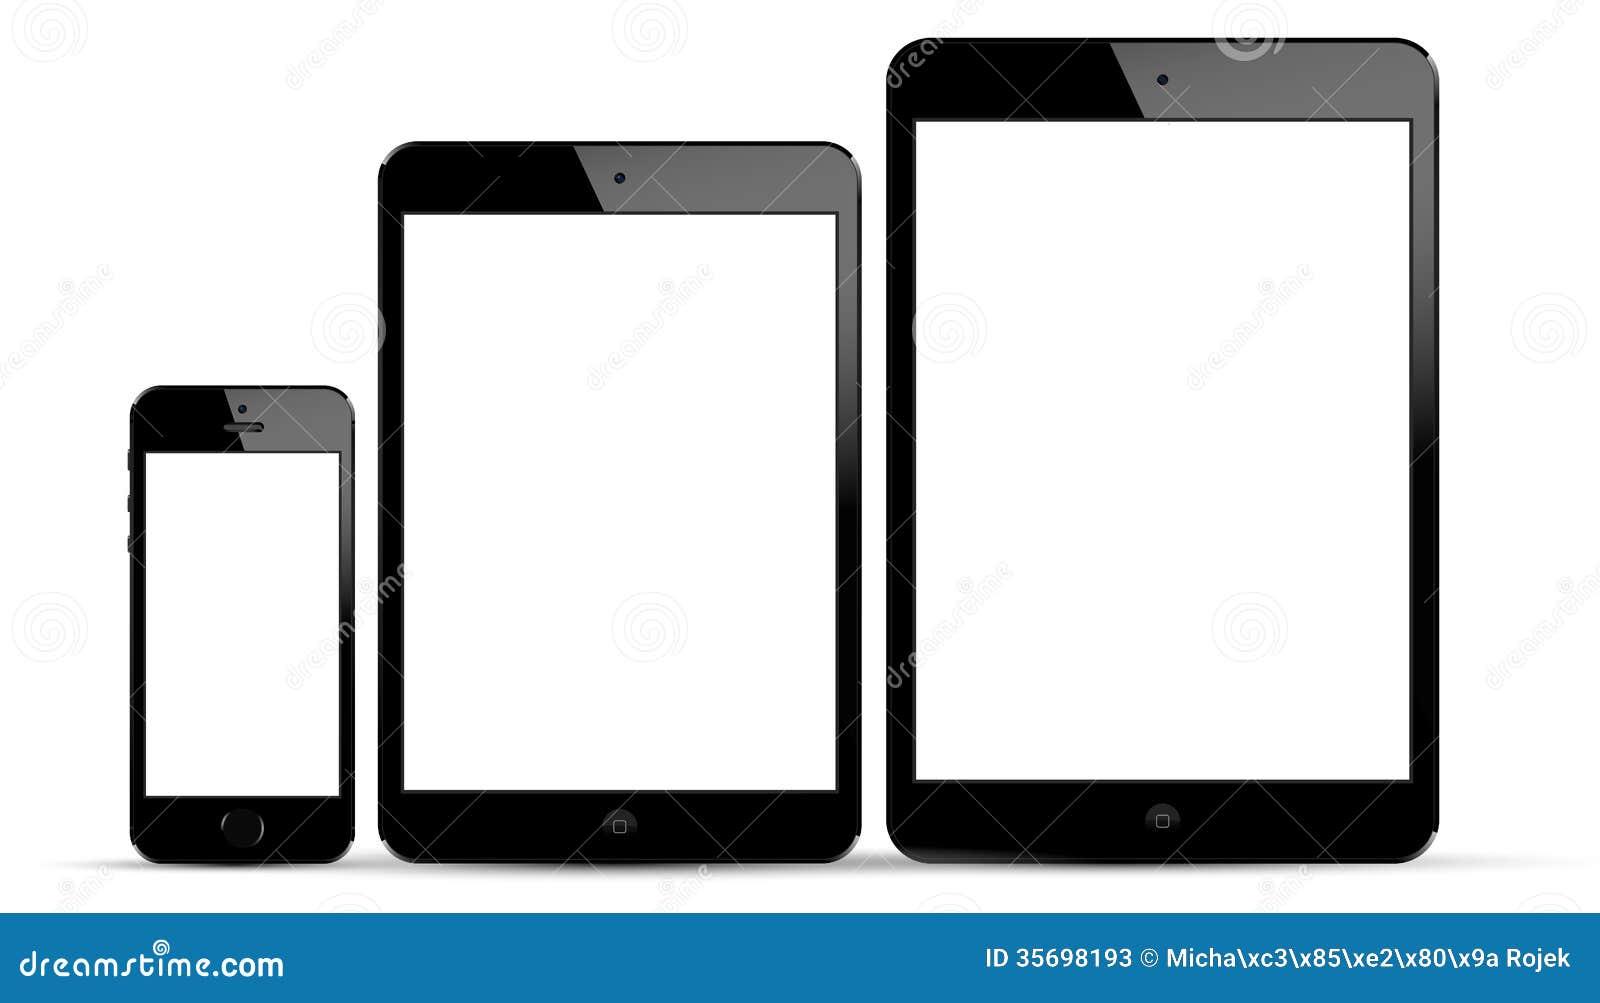 Aire de IPad, nuevo iPad mini e iPhone 5s